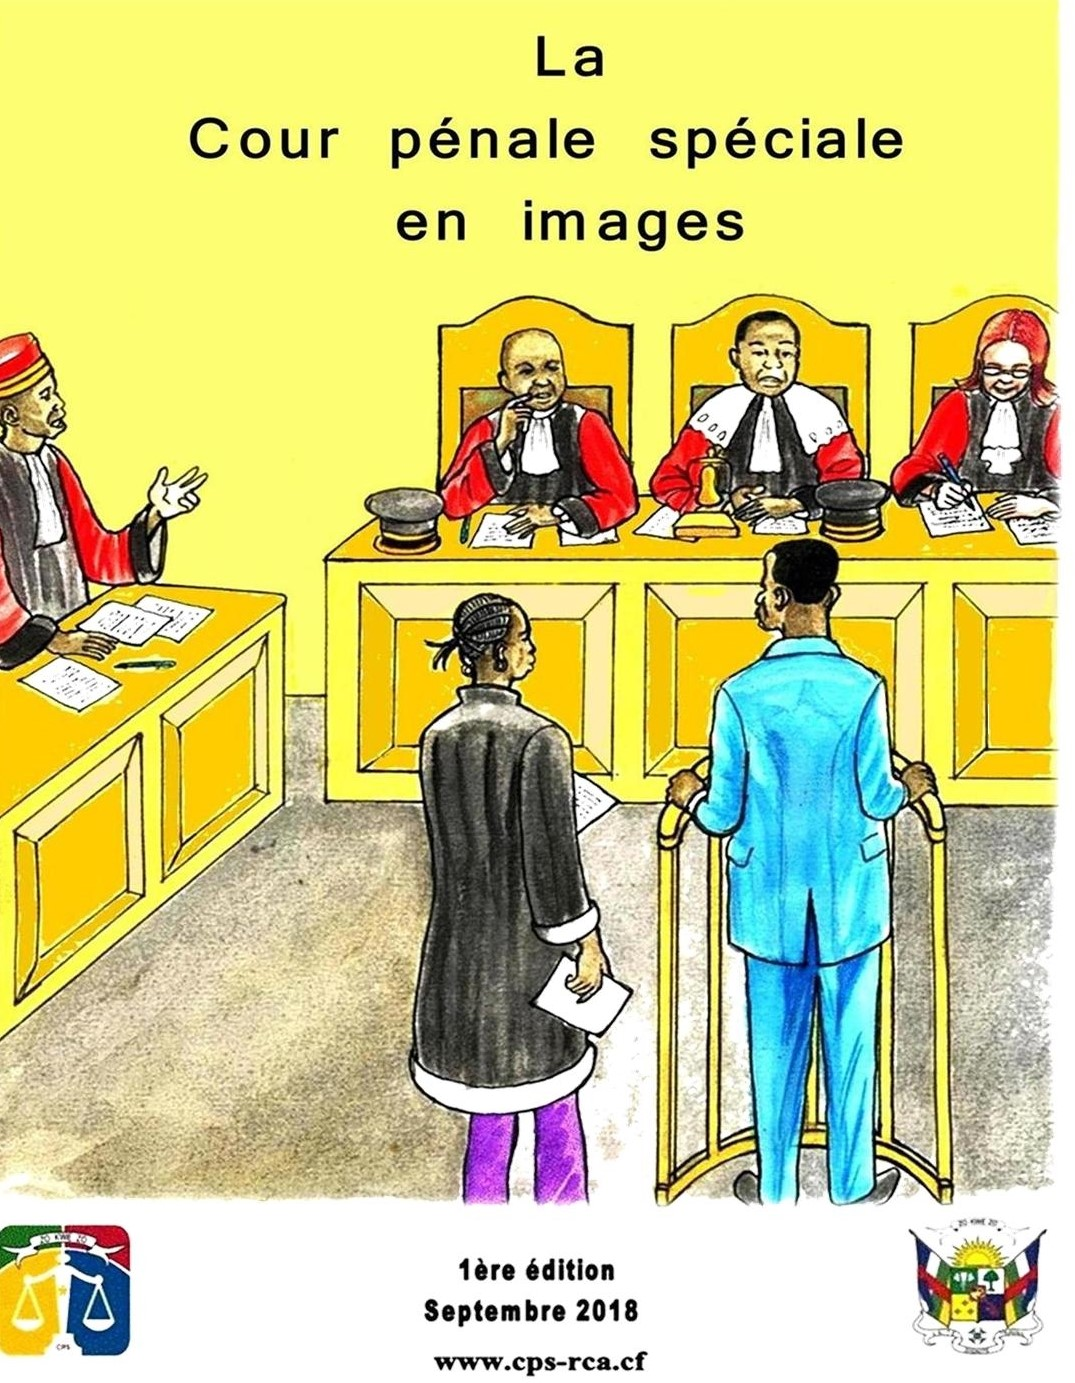 Lutte contre l'impunité: L'ONU, l'UE  appuient la Cour Pénale Spéciale centrafricaine